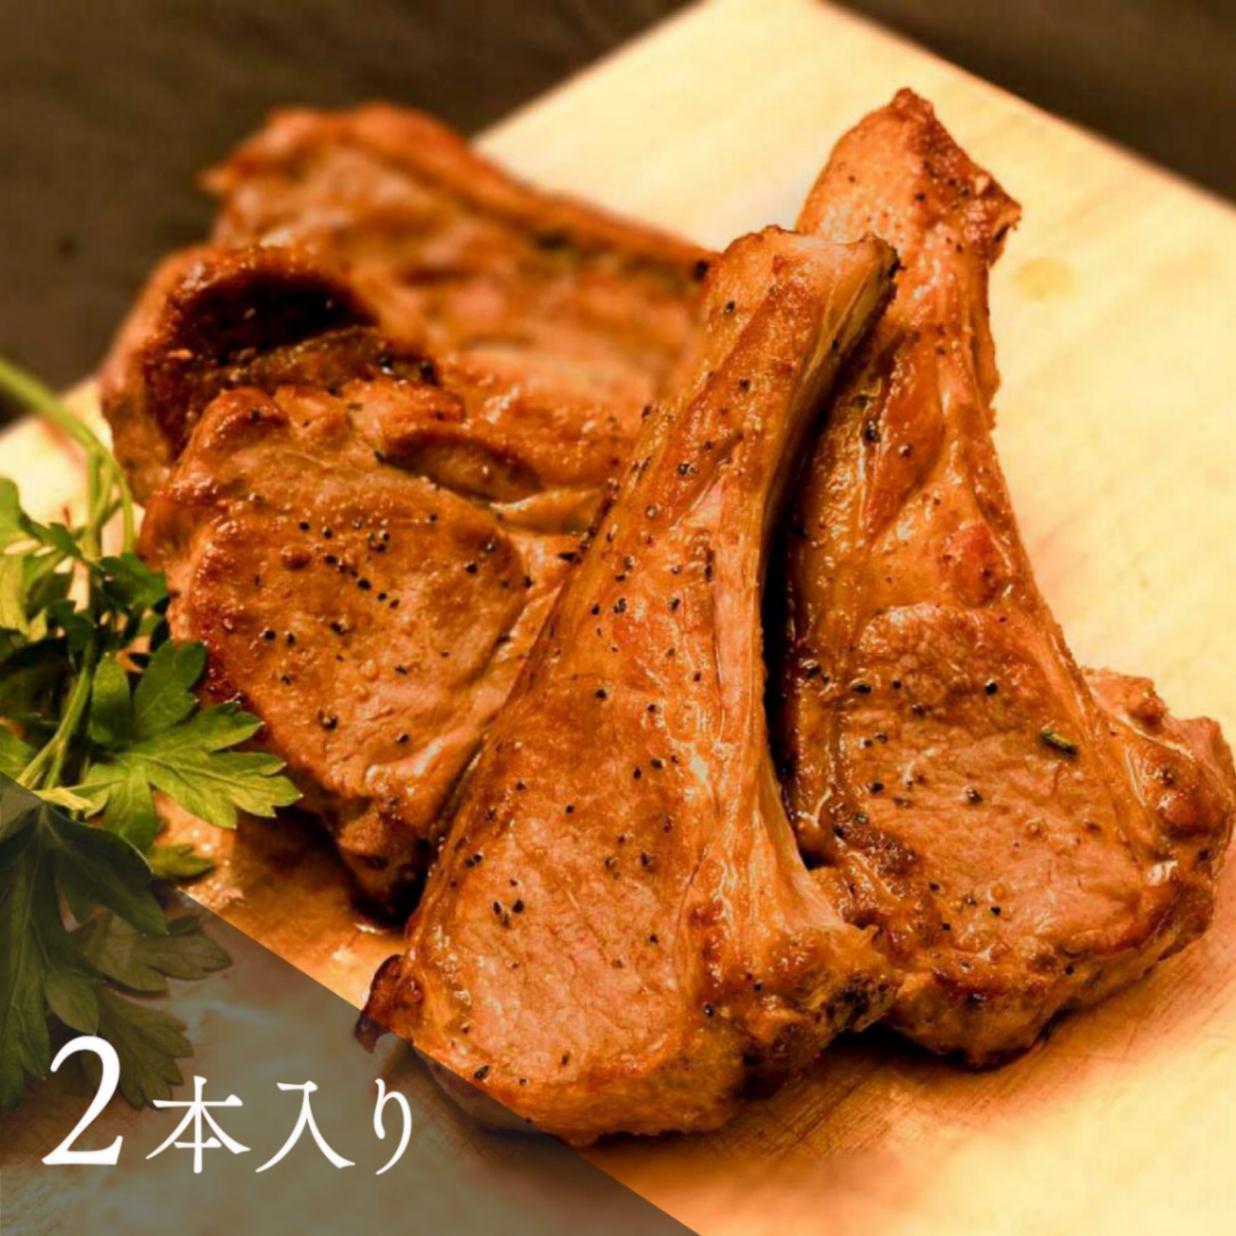 【アイスランドラム】最高級ラムチョップ(2本入り)/120g